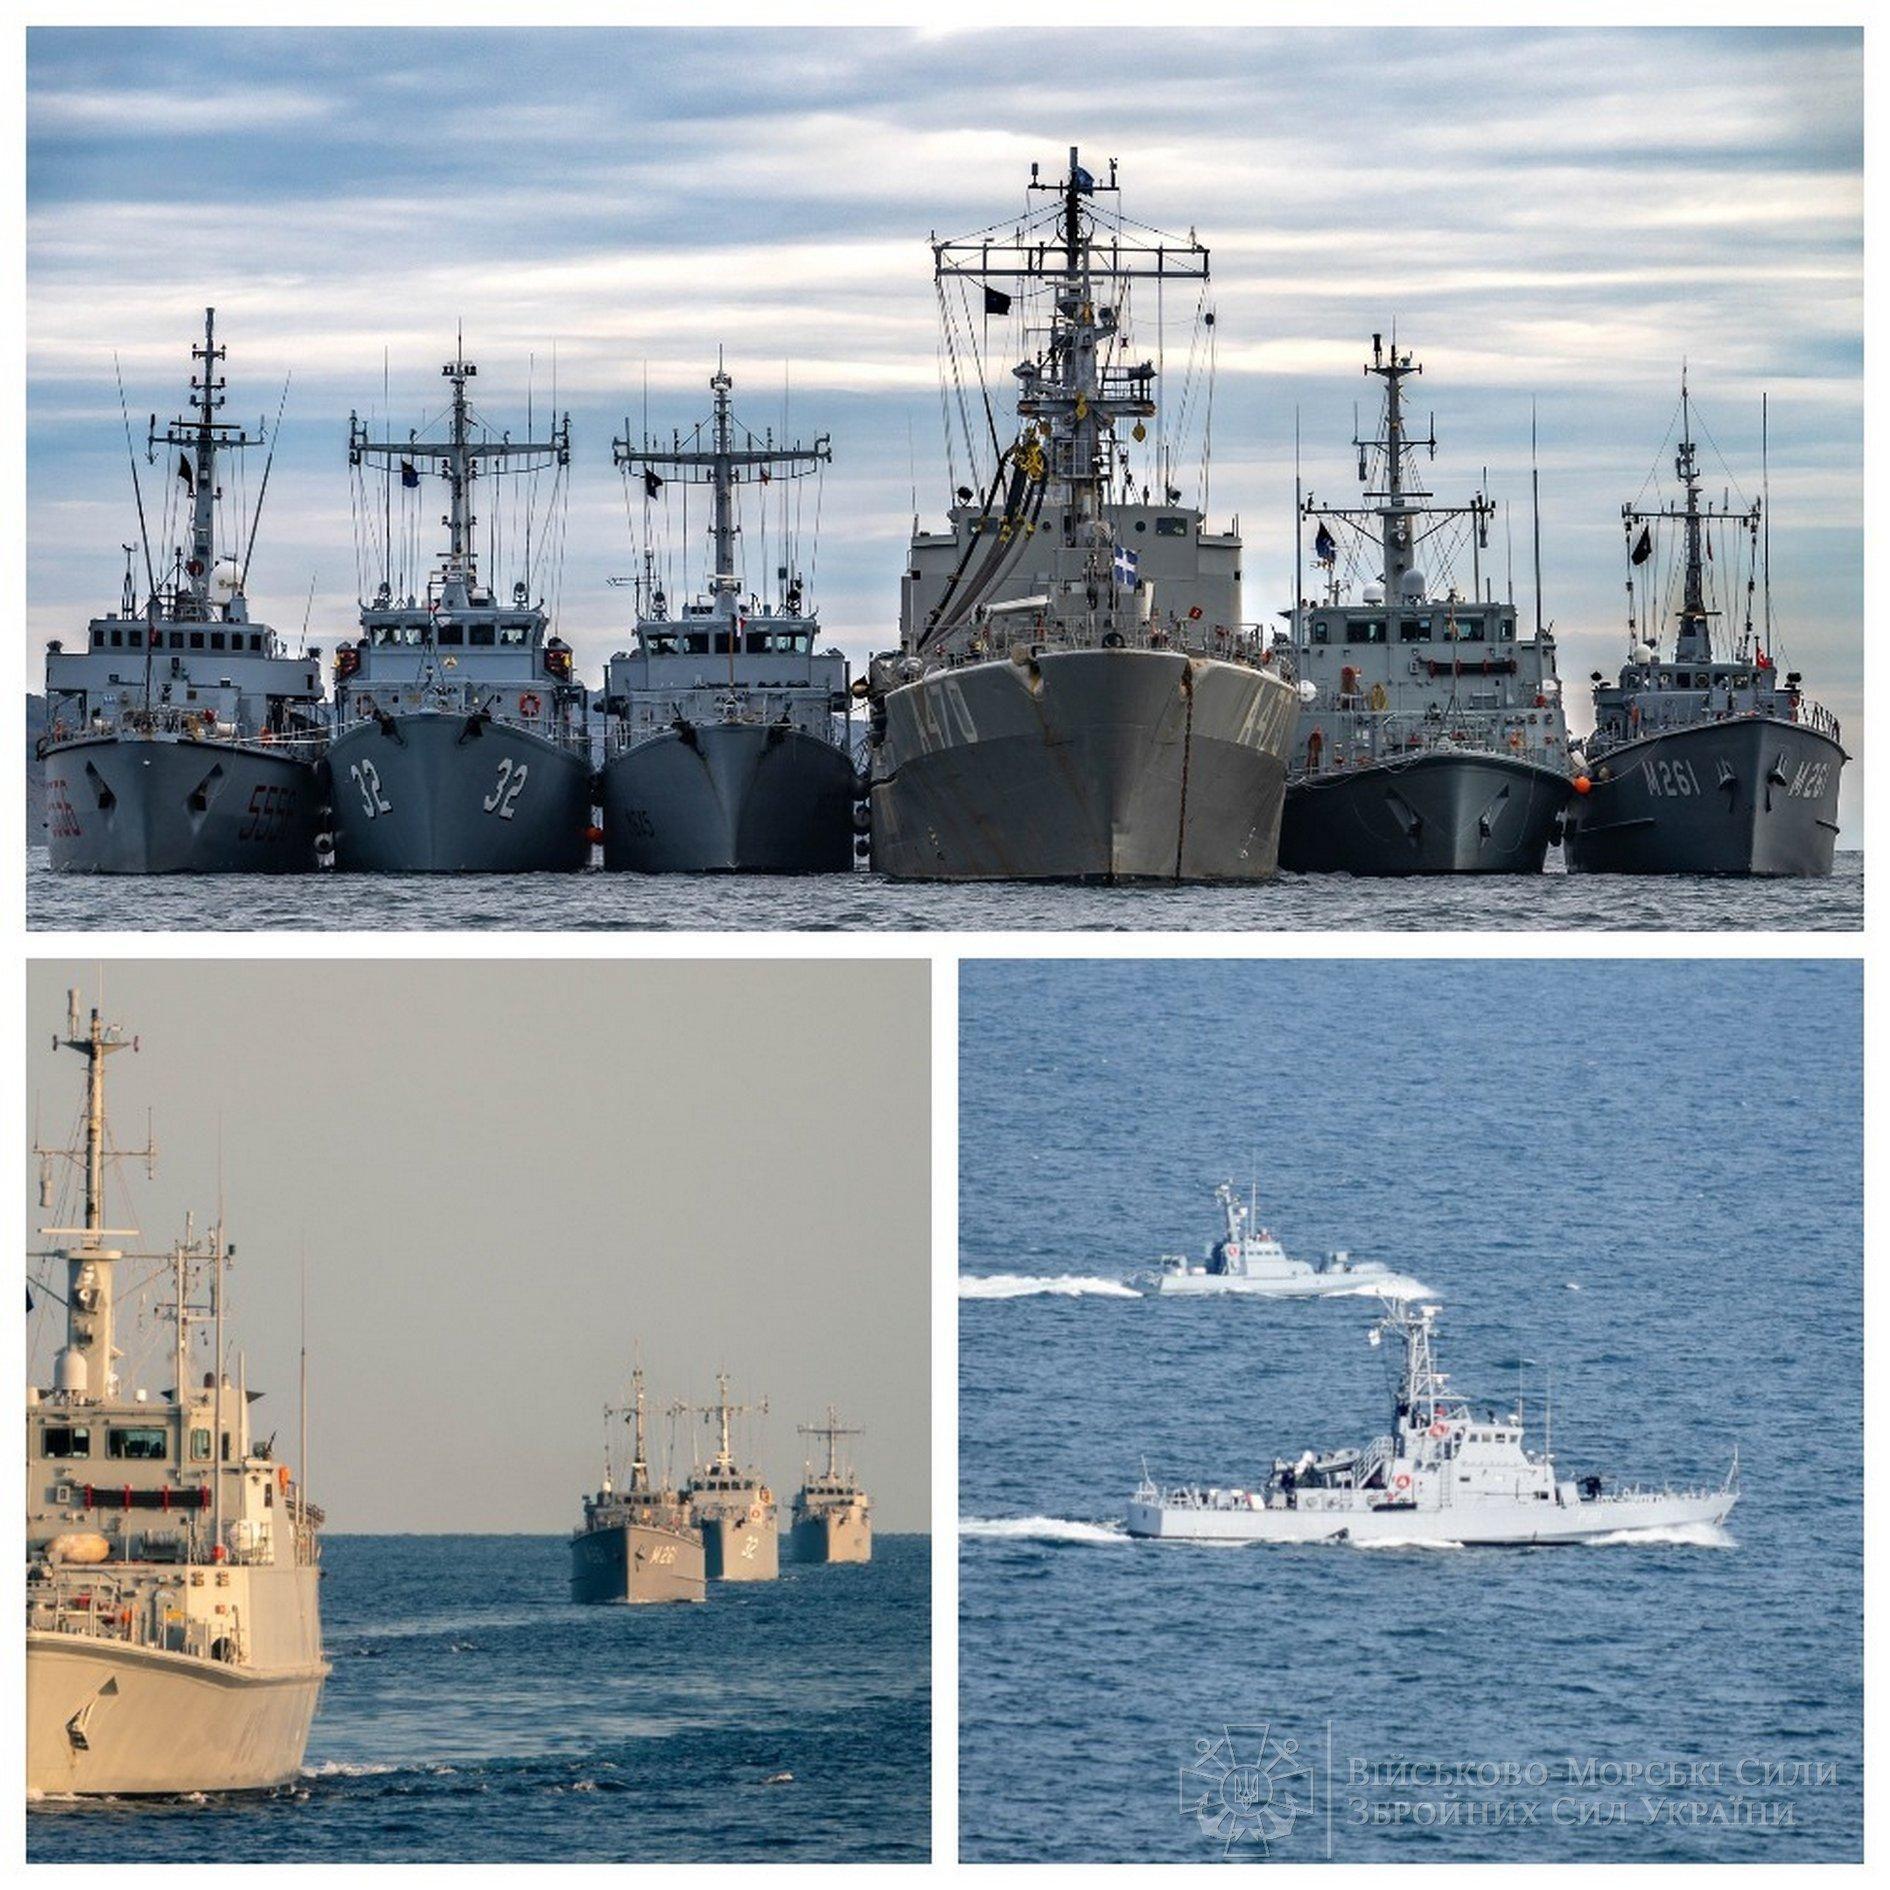 Тренування українських кораблів за кораблями НАТО